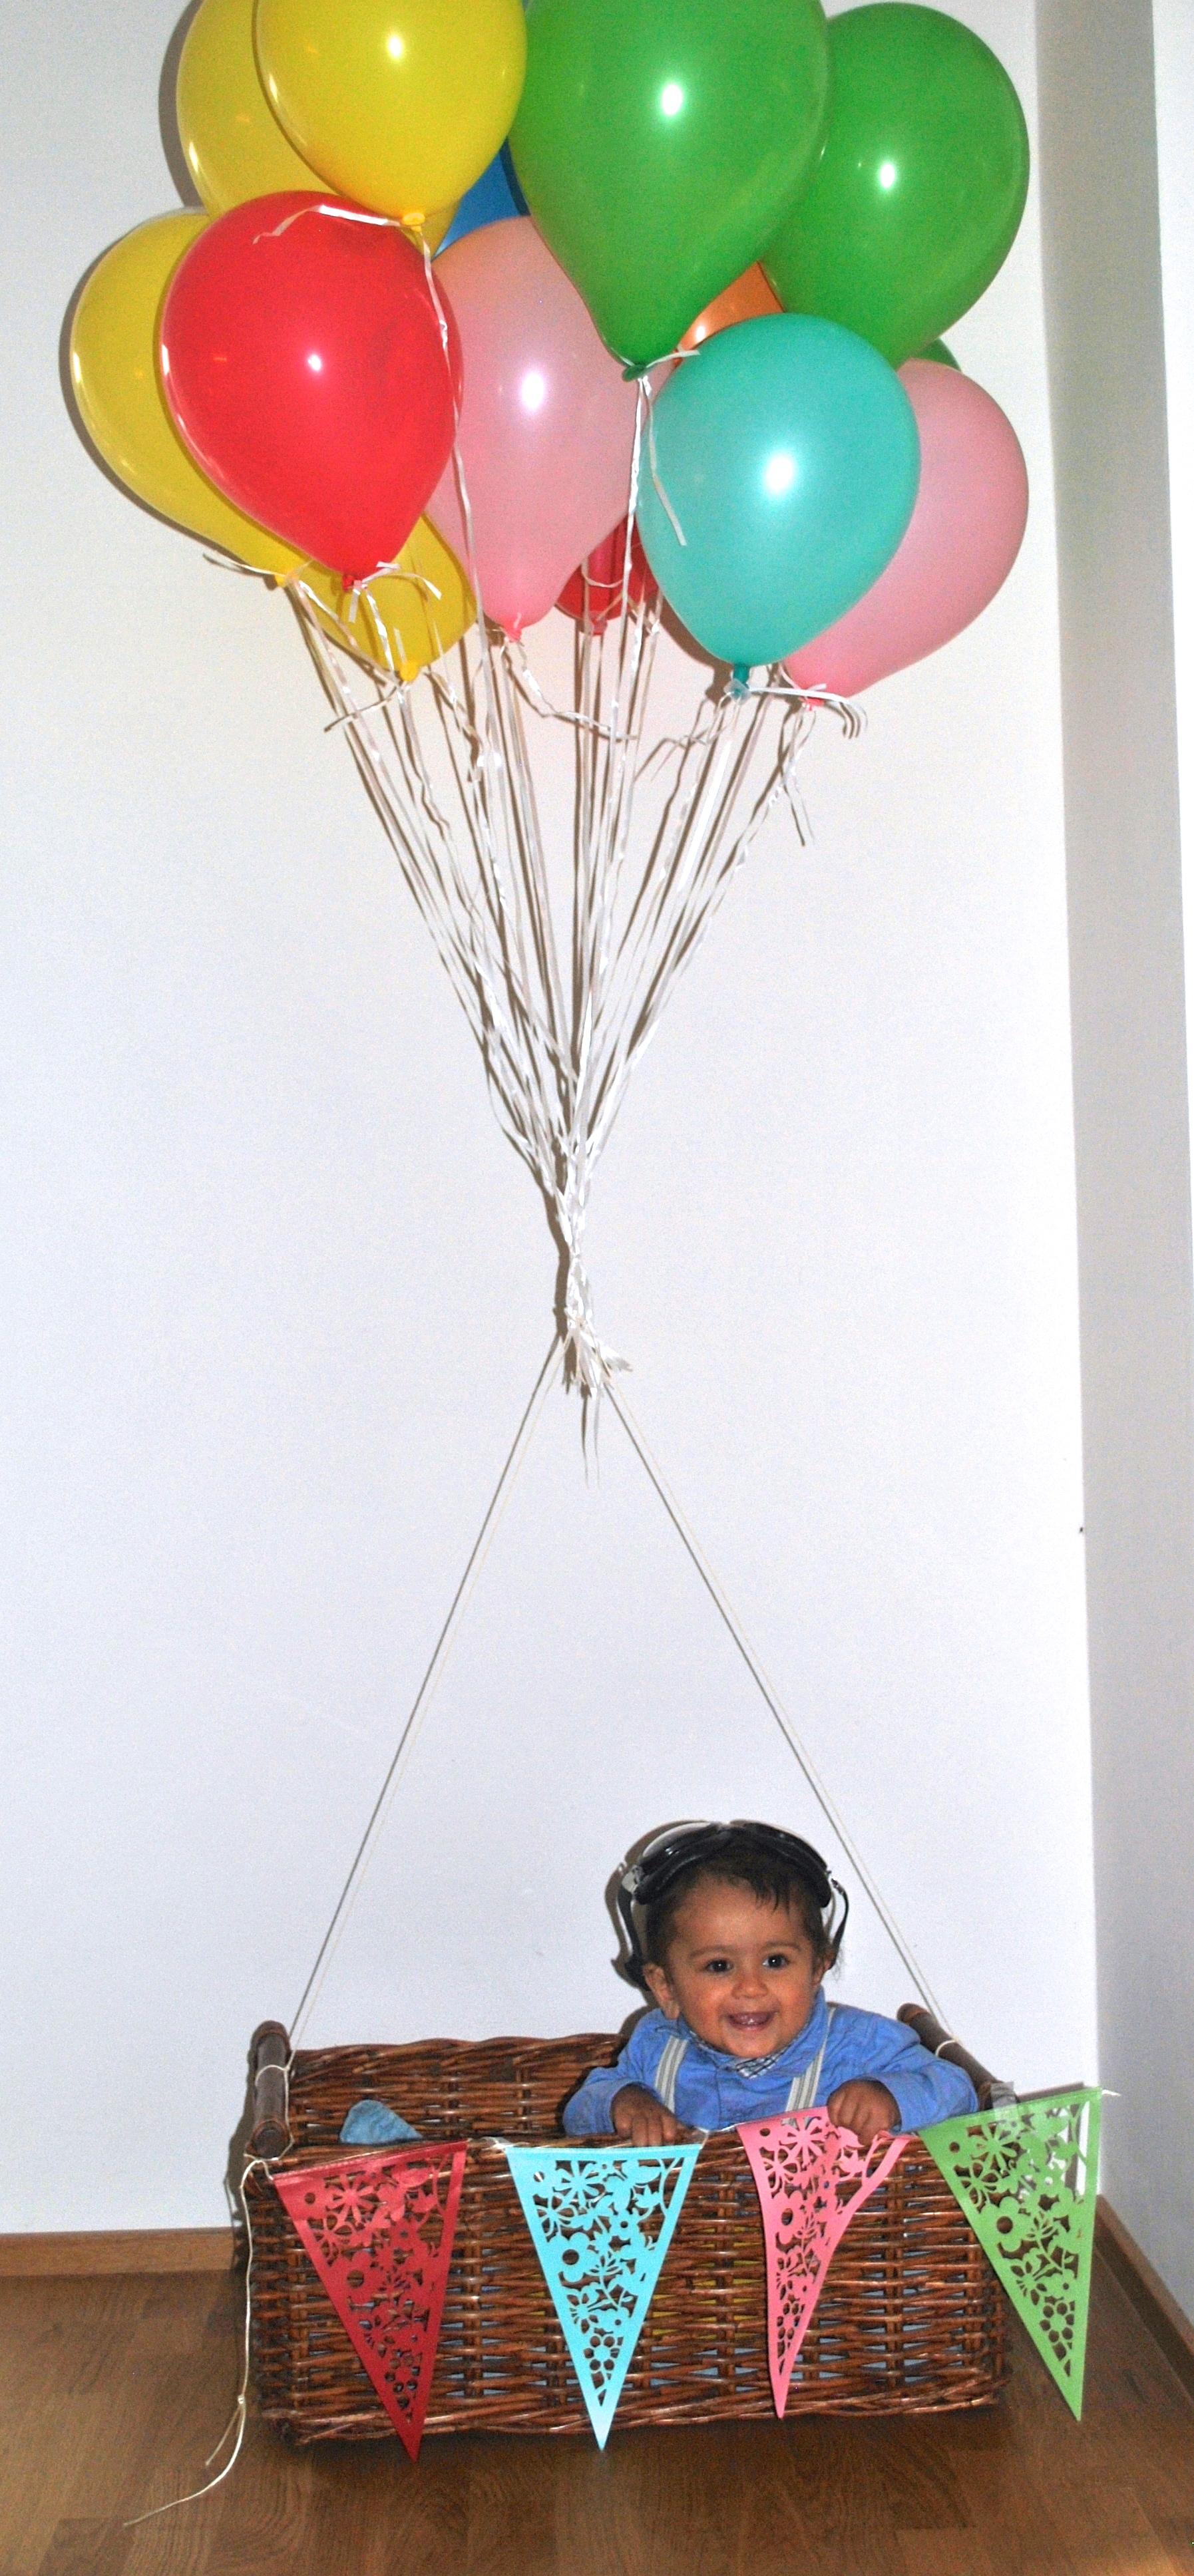 Ballon Fotokabine